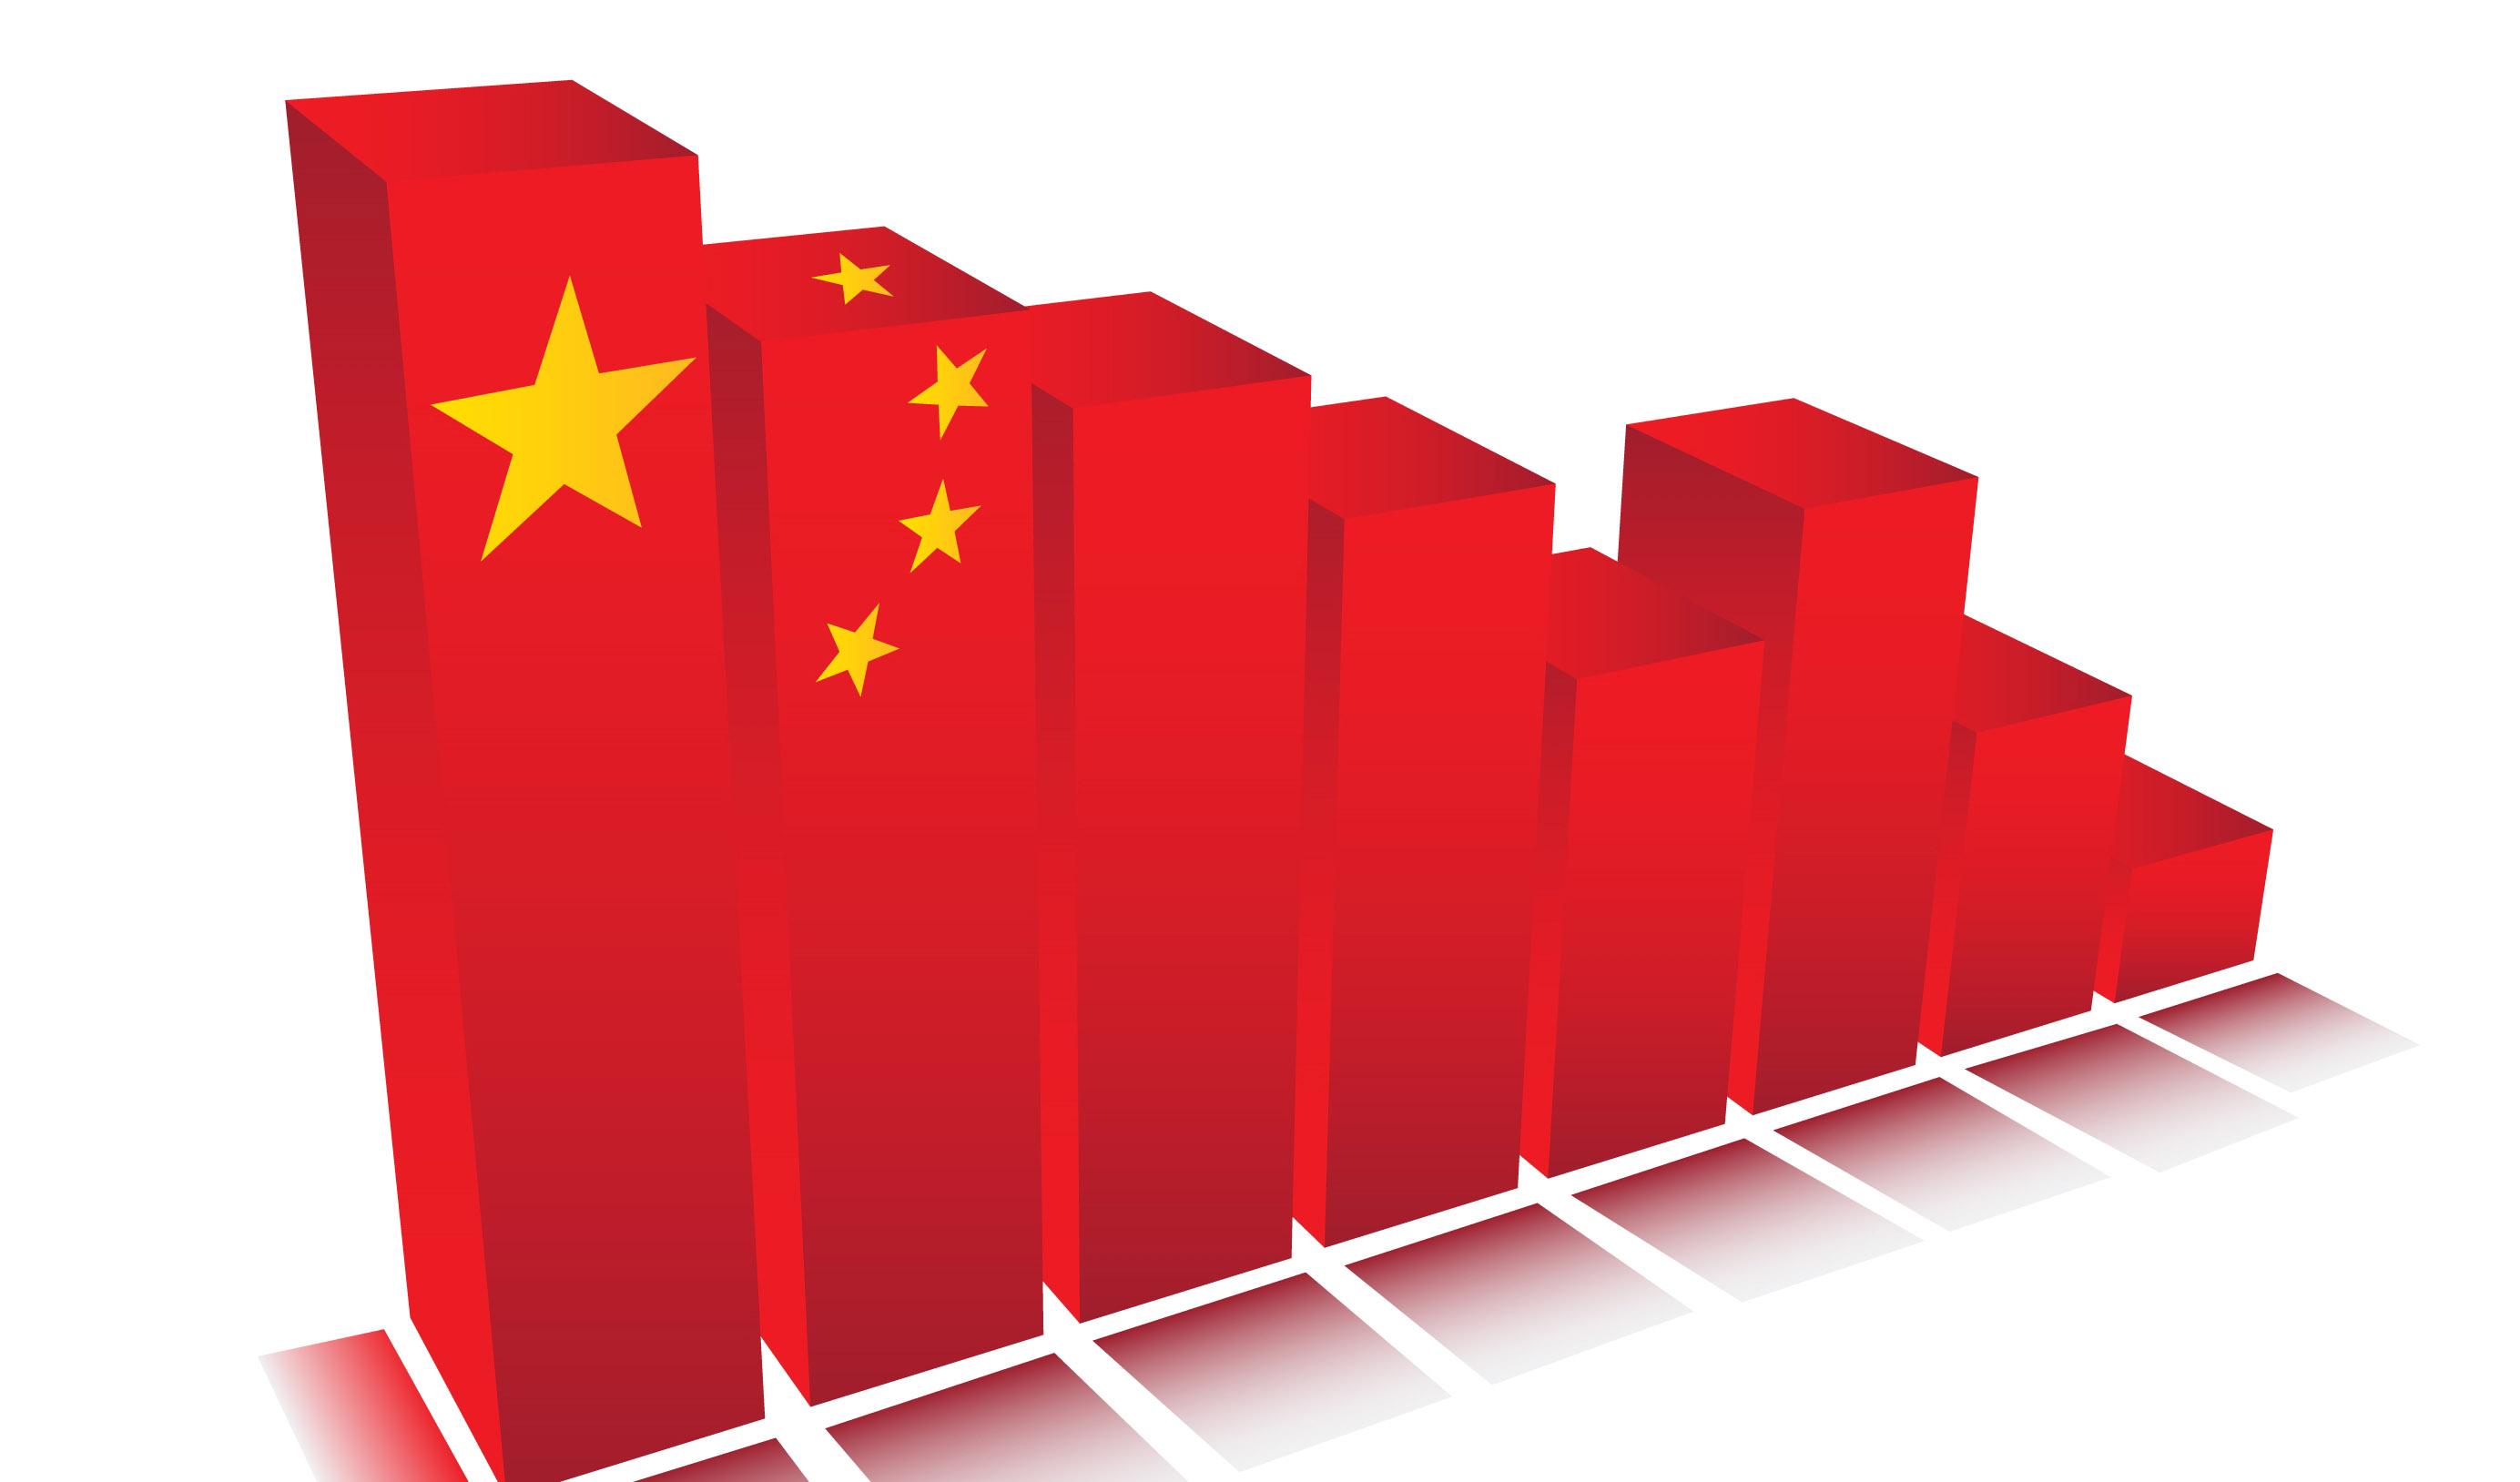 تورم چین به بالاترین سطح رسید